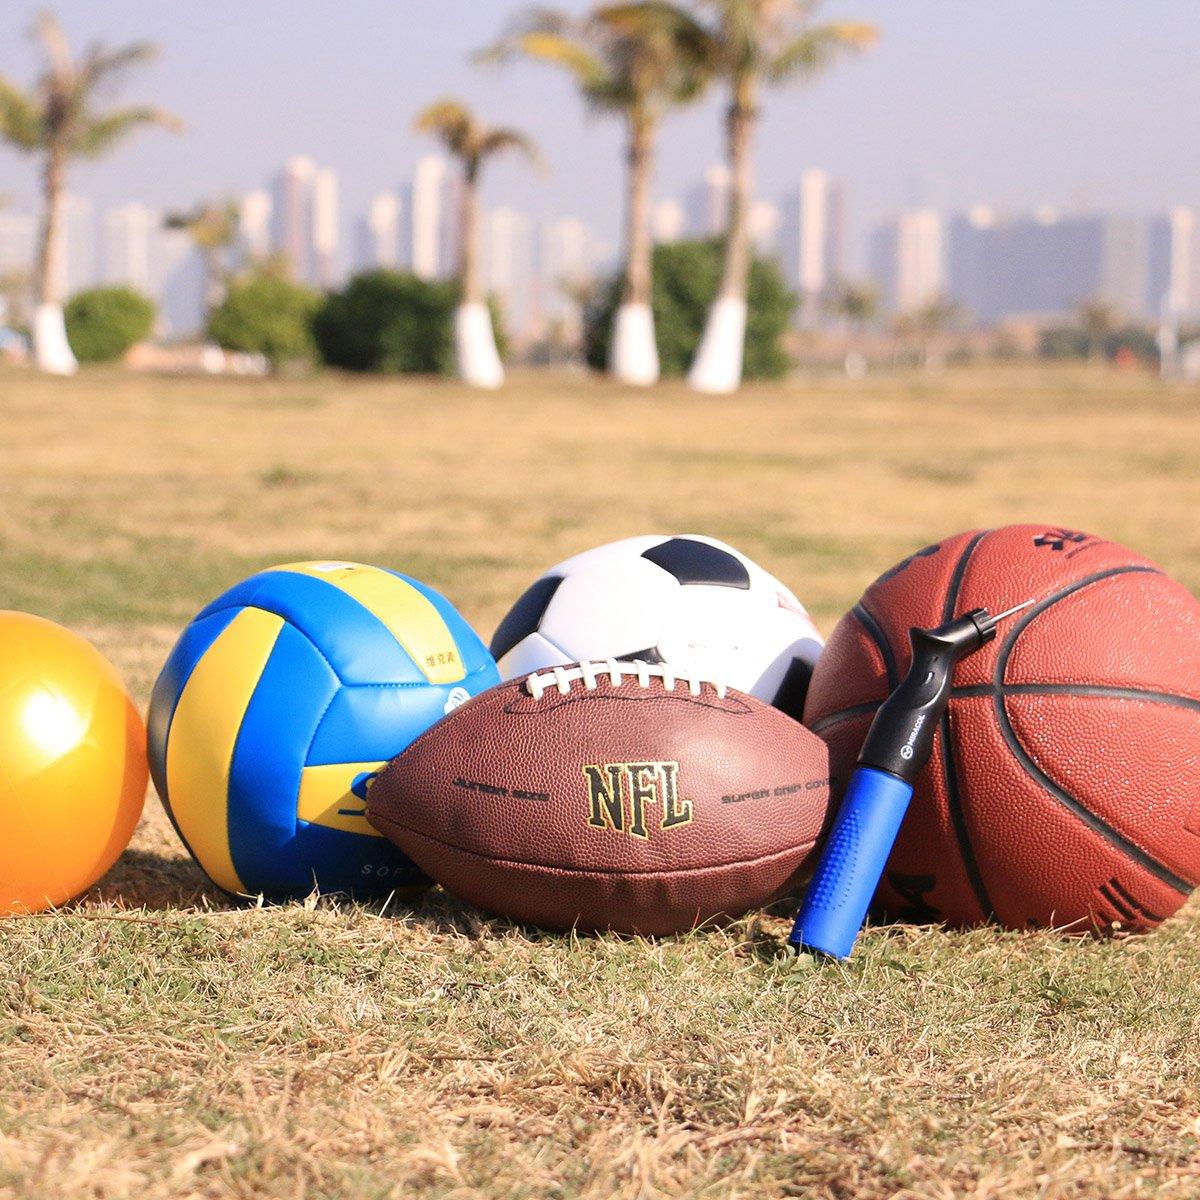 Rugby y otros art/ículos inflables Mejor para f/útbol Miracol Bomba de doble acci/ón 4 extra Agujas de recambio Voleibol Resistente Y Dise/ño port/átil bombas de aire